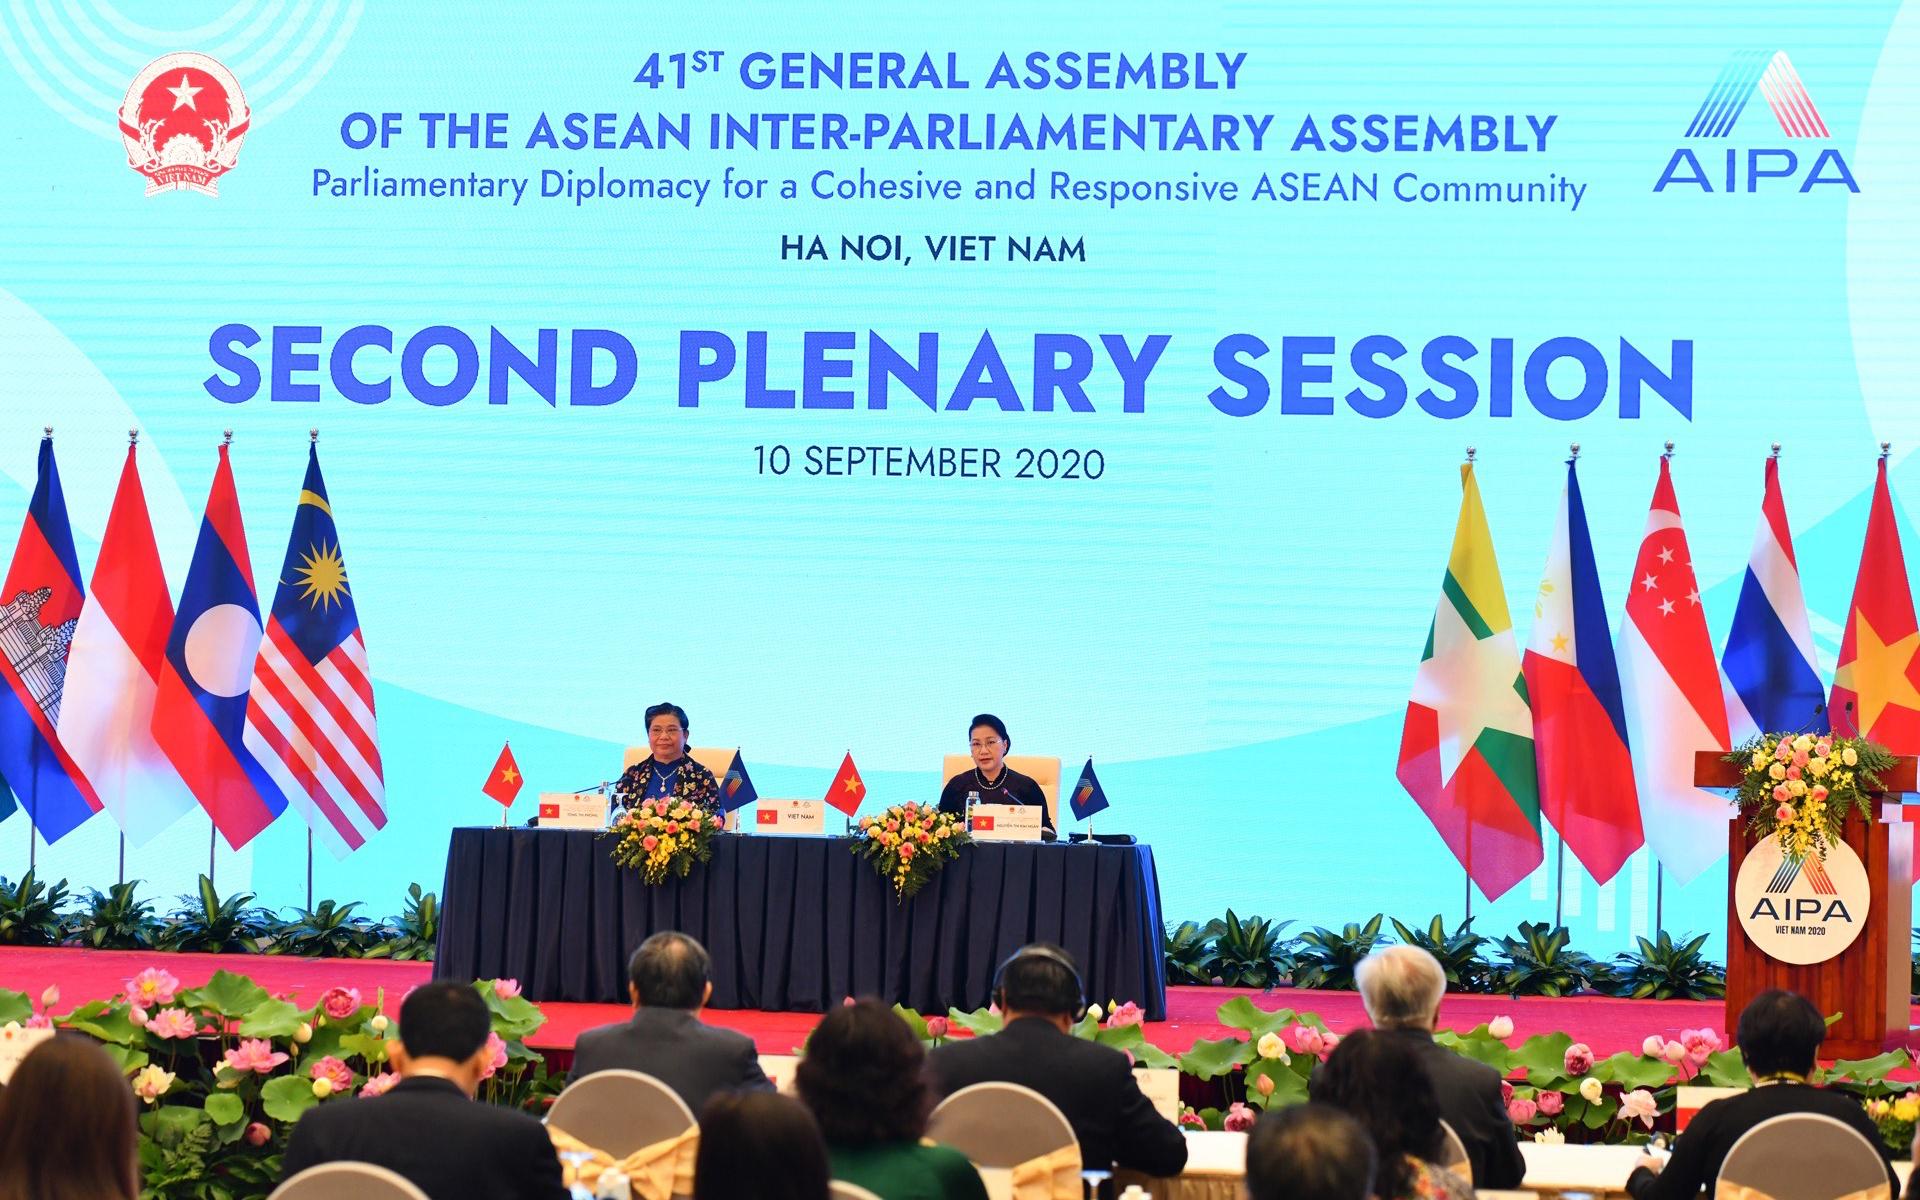 Đại hội đồng AIPA 41 và dấu ấn Quốc hội Việt Nam - 5